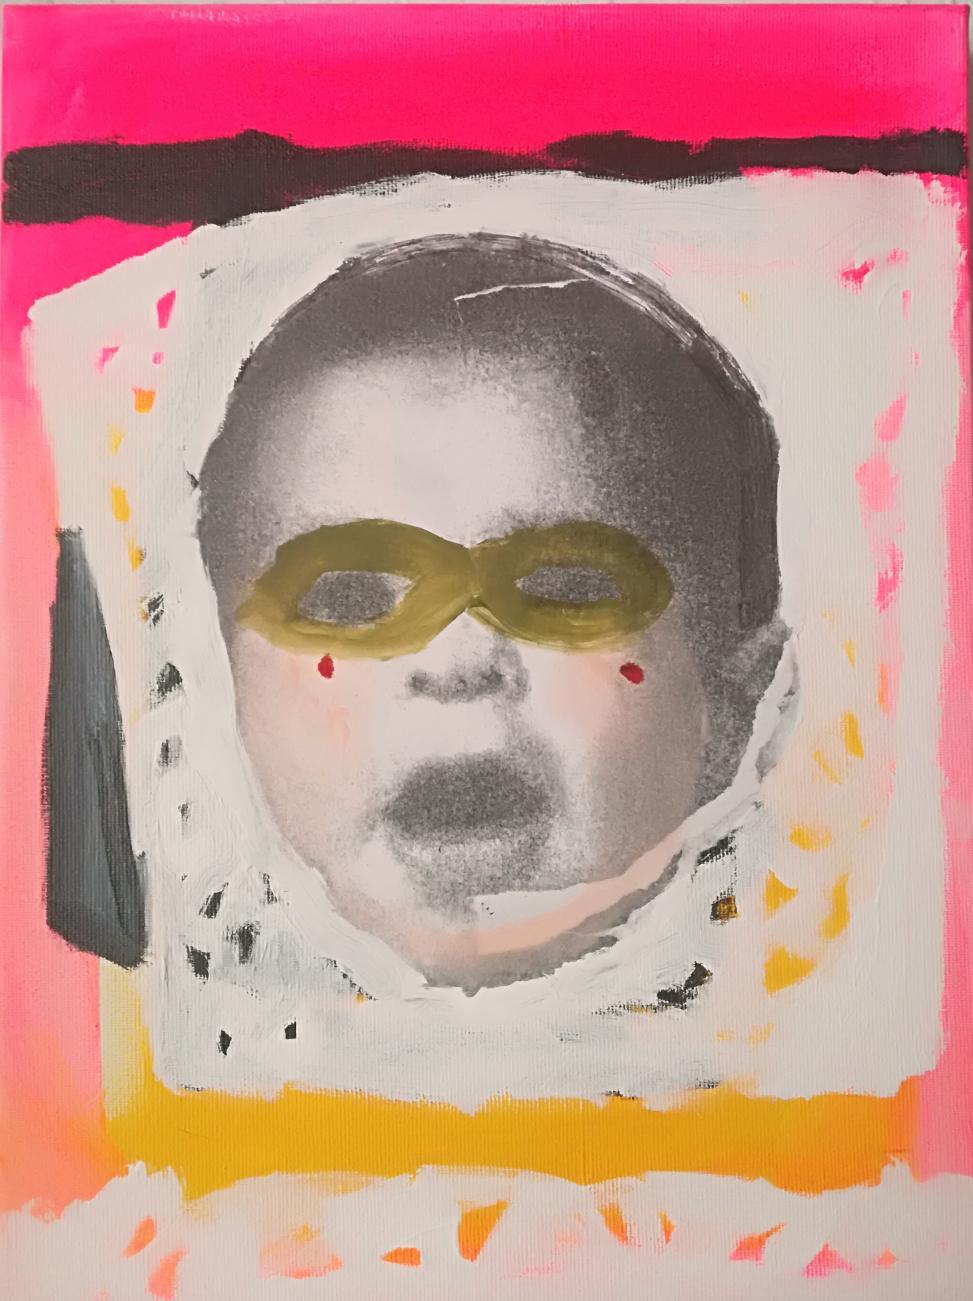 selfportrait#01 (2018) - Inma Fierro